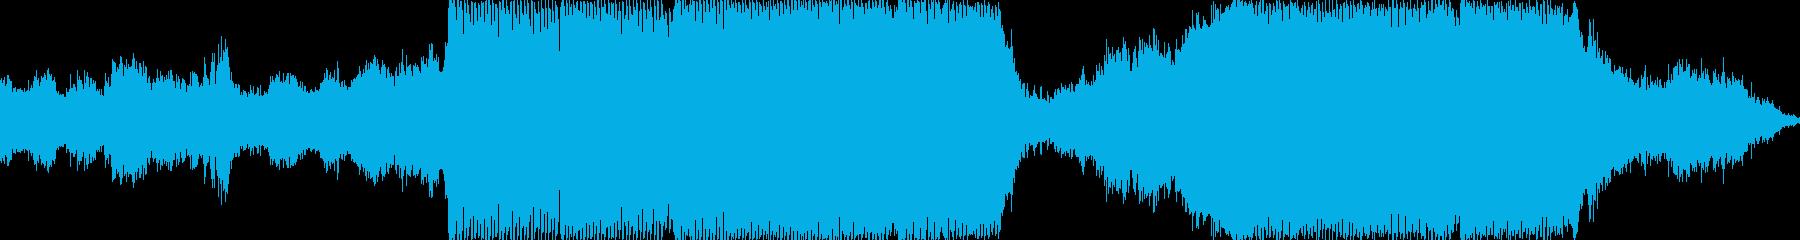 テクノ 技術的な お洒落 ハイテク...の再生済みの波形